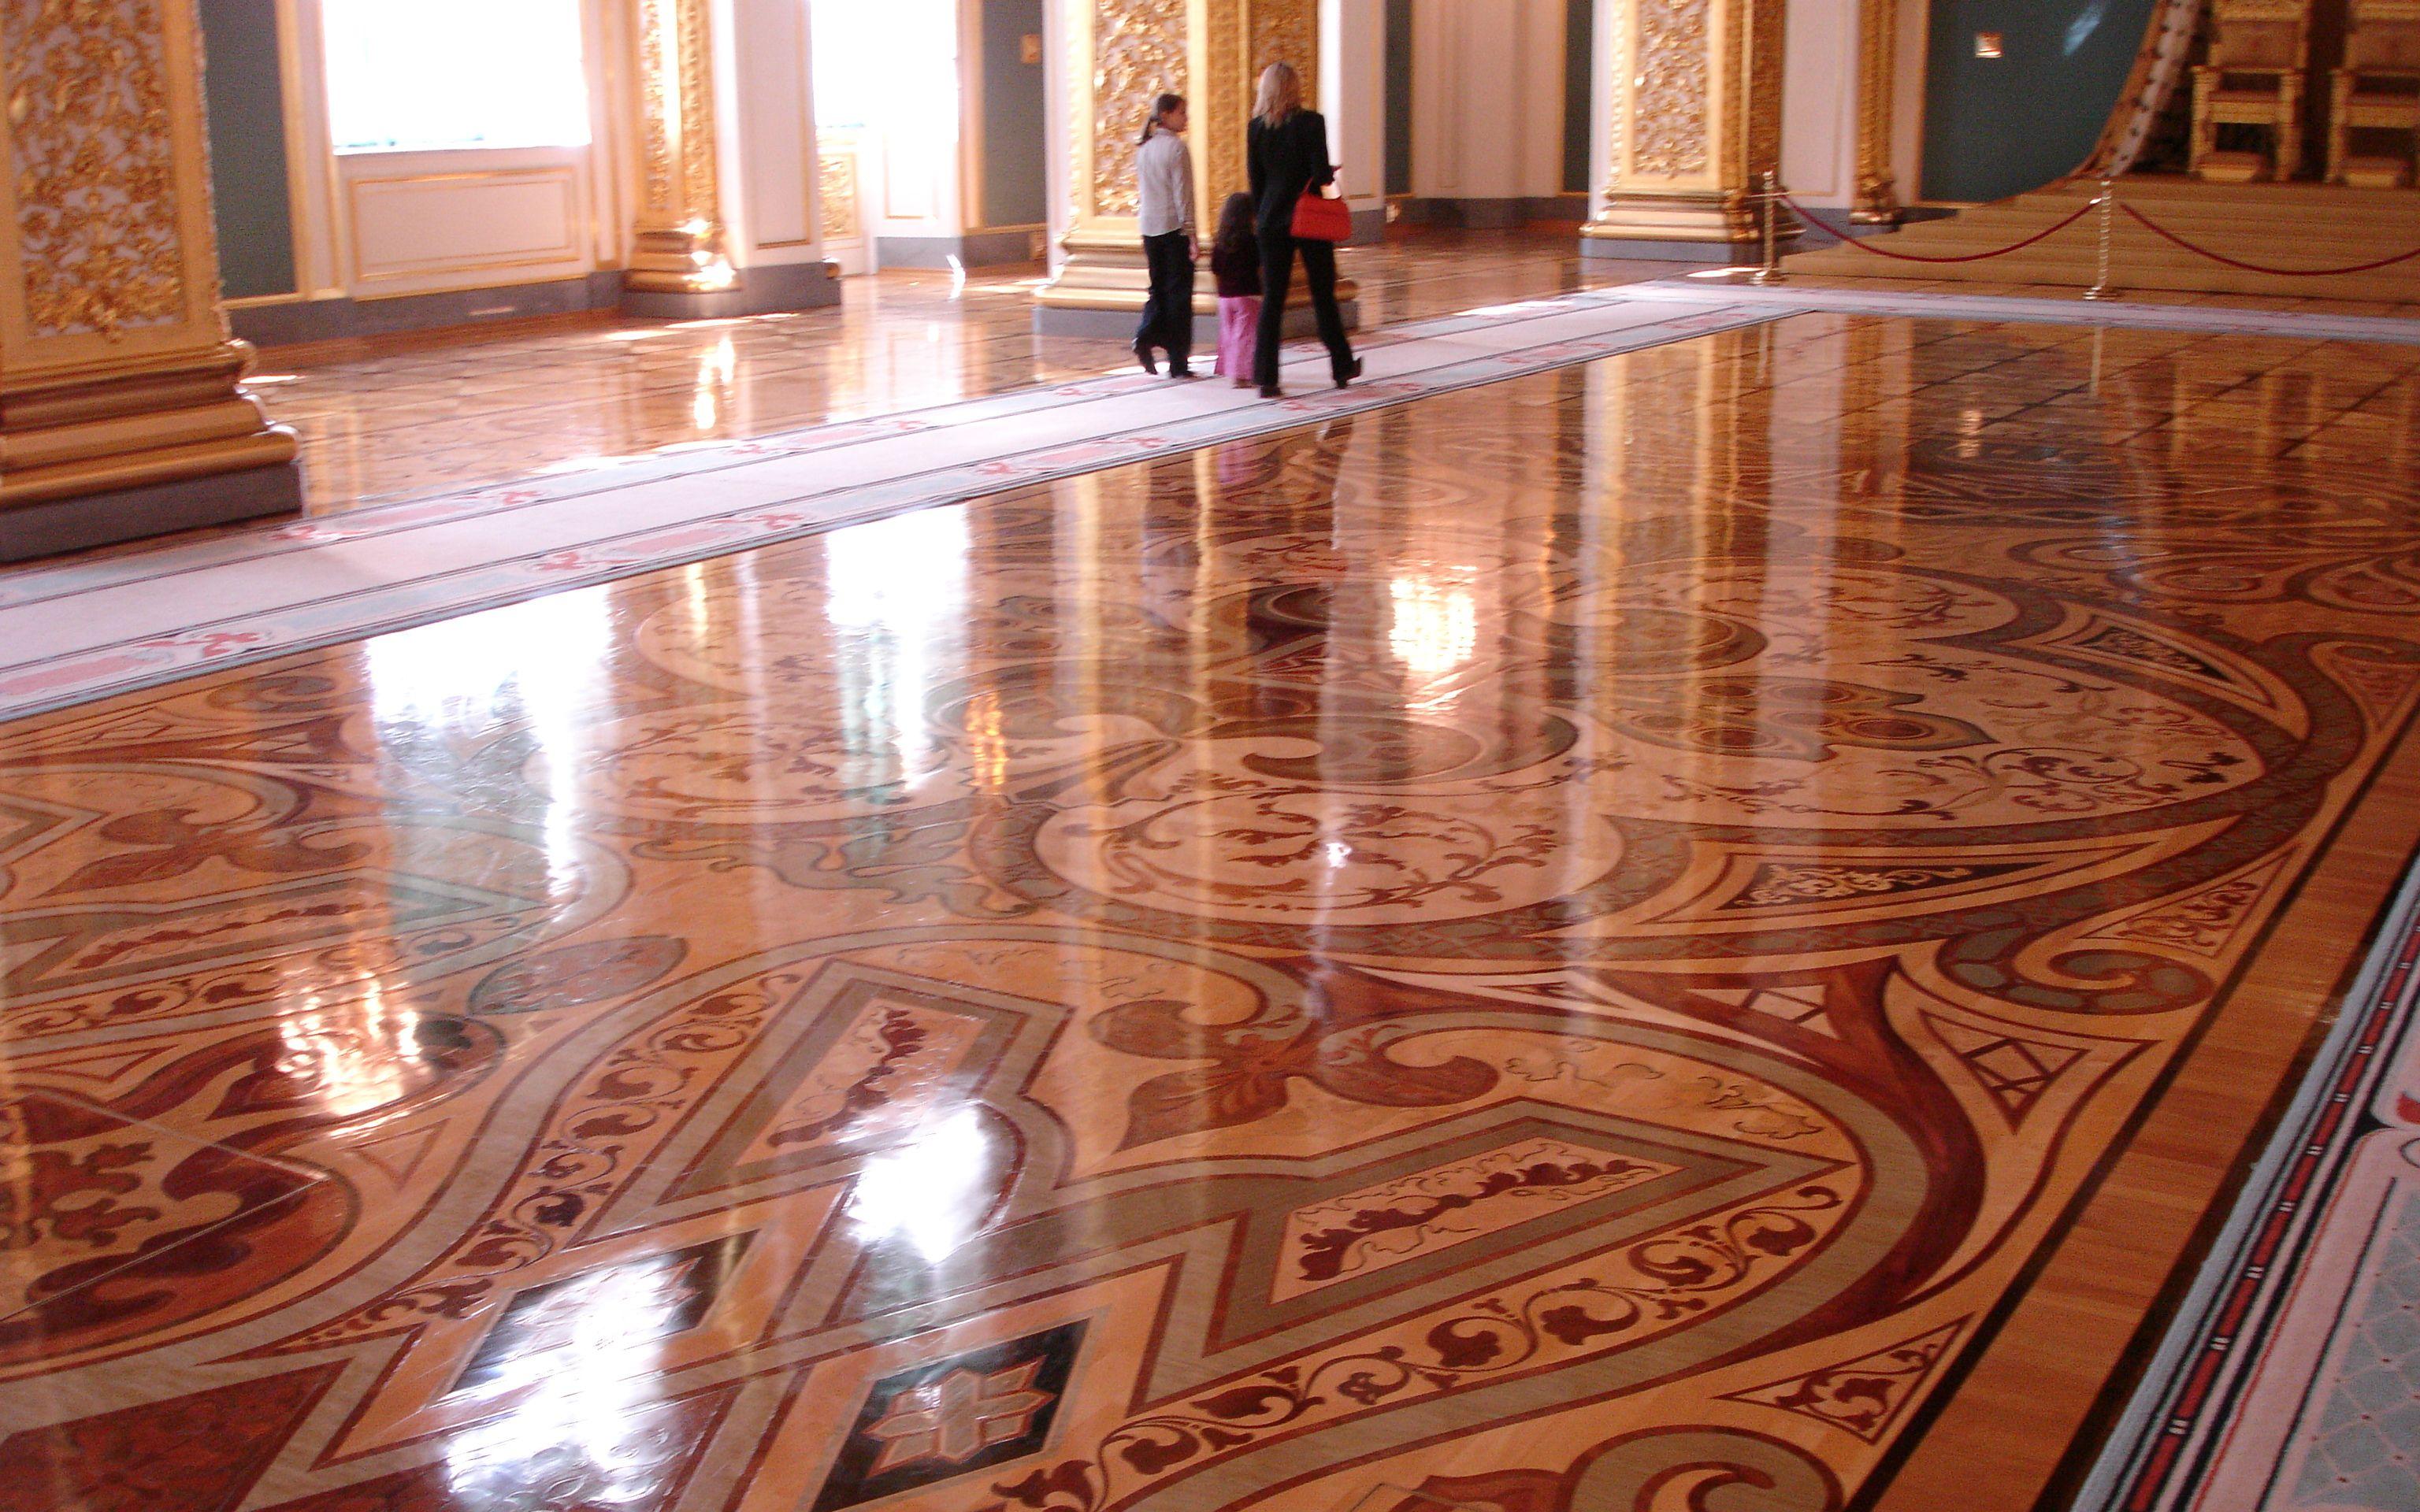 View Berti pavimenti legno intarsio laser elaborati pavimenti ad